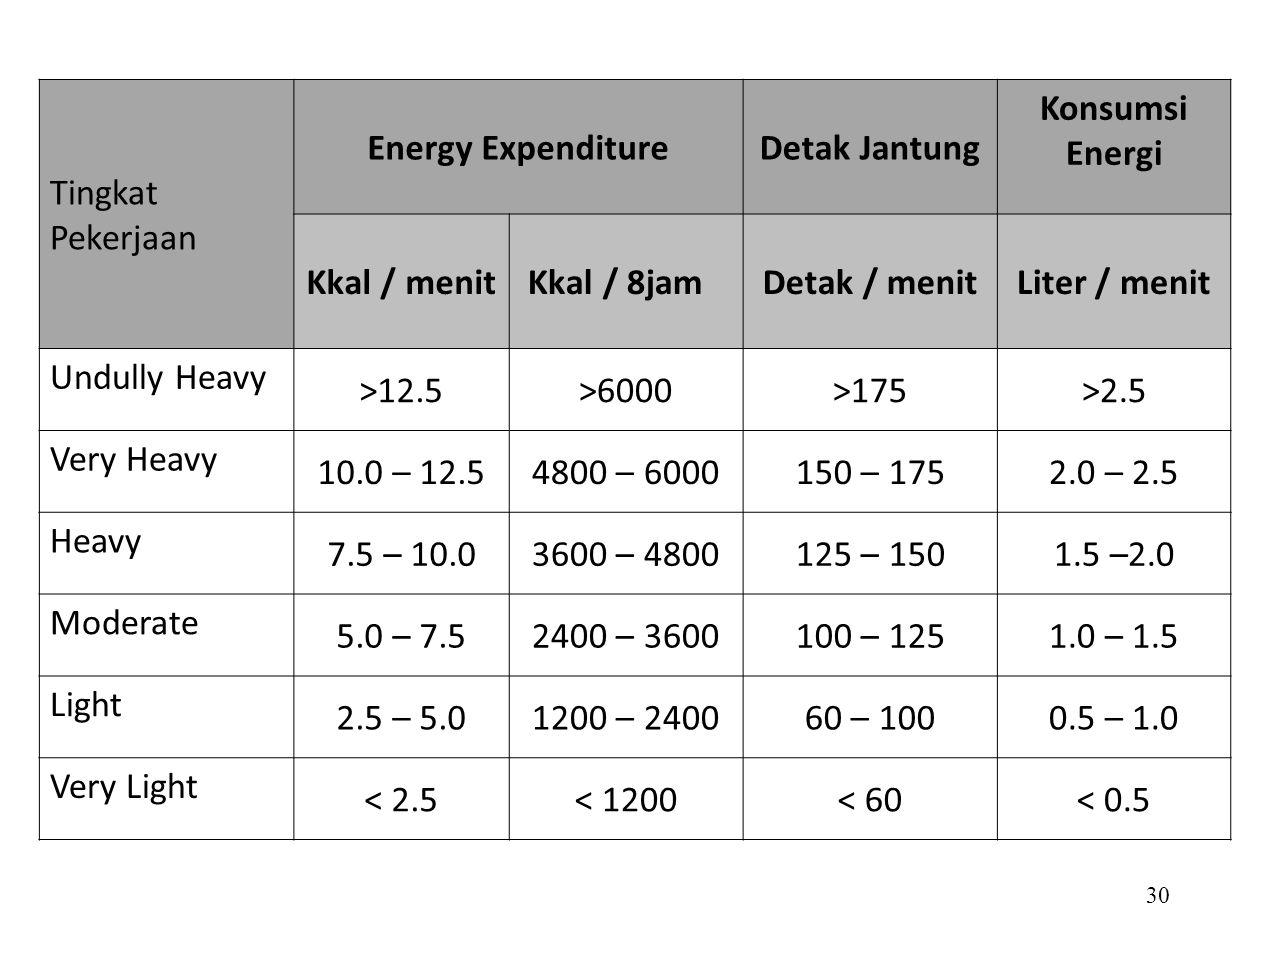 Tingkat Pekerjaan Energy Expenditure. Detak Jantung. Konsumsi Energi. Kkal / menit. Kkal / 8jam.